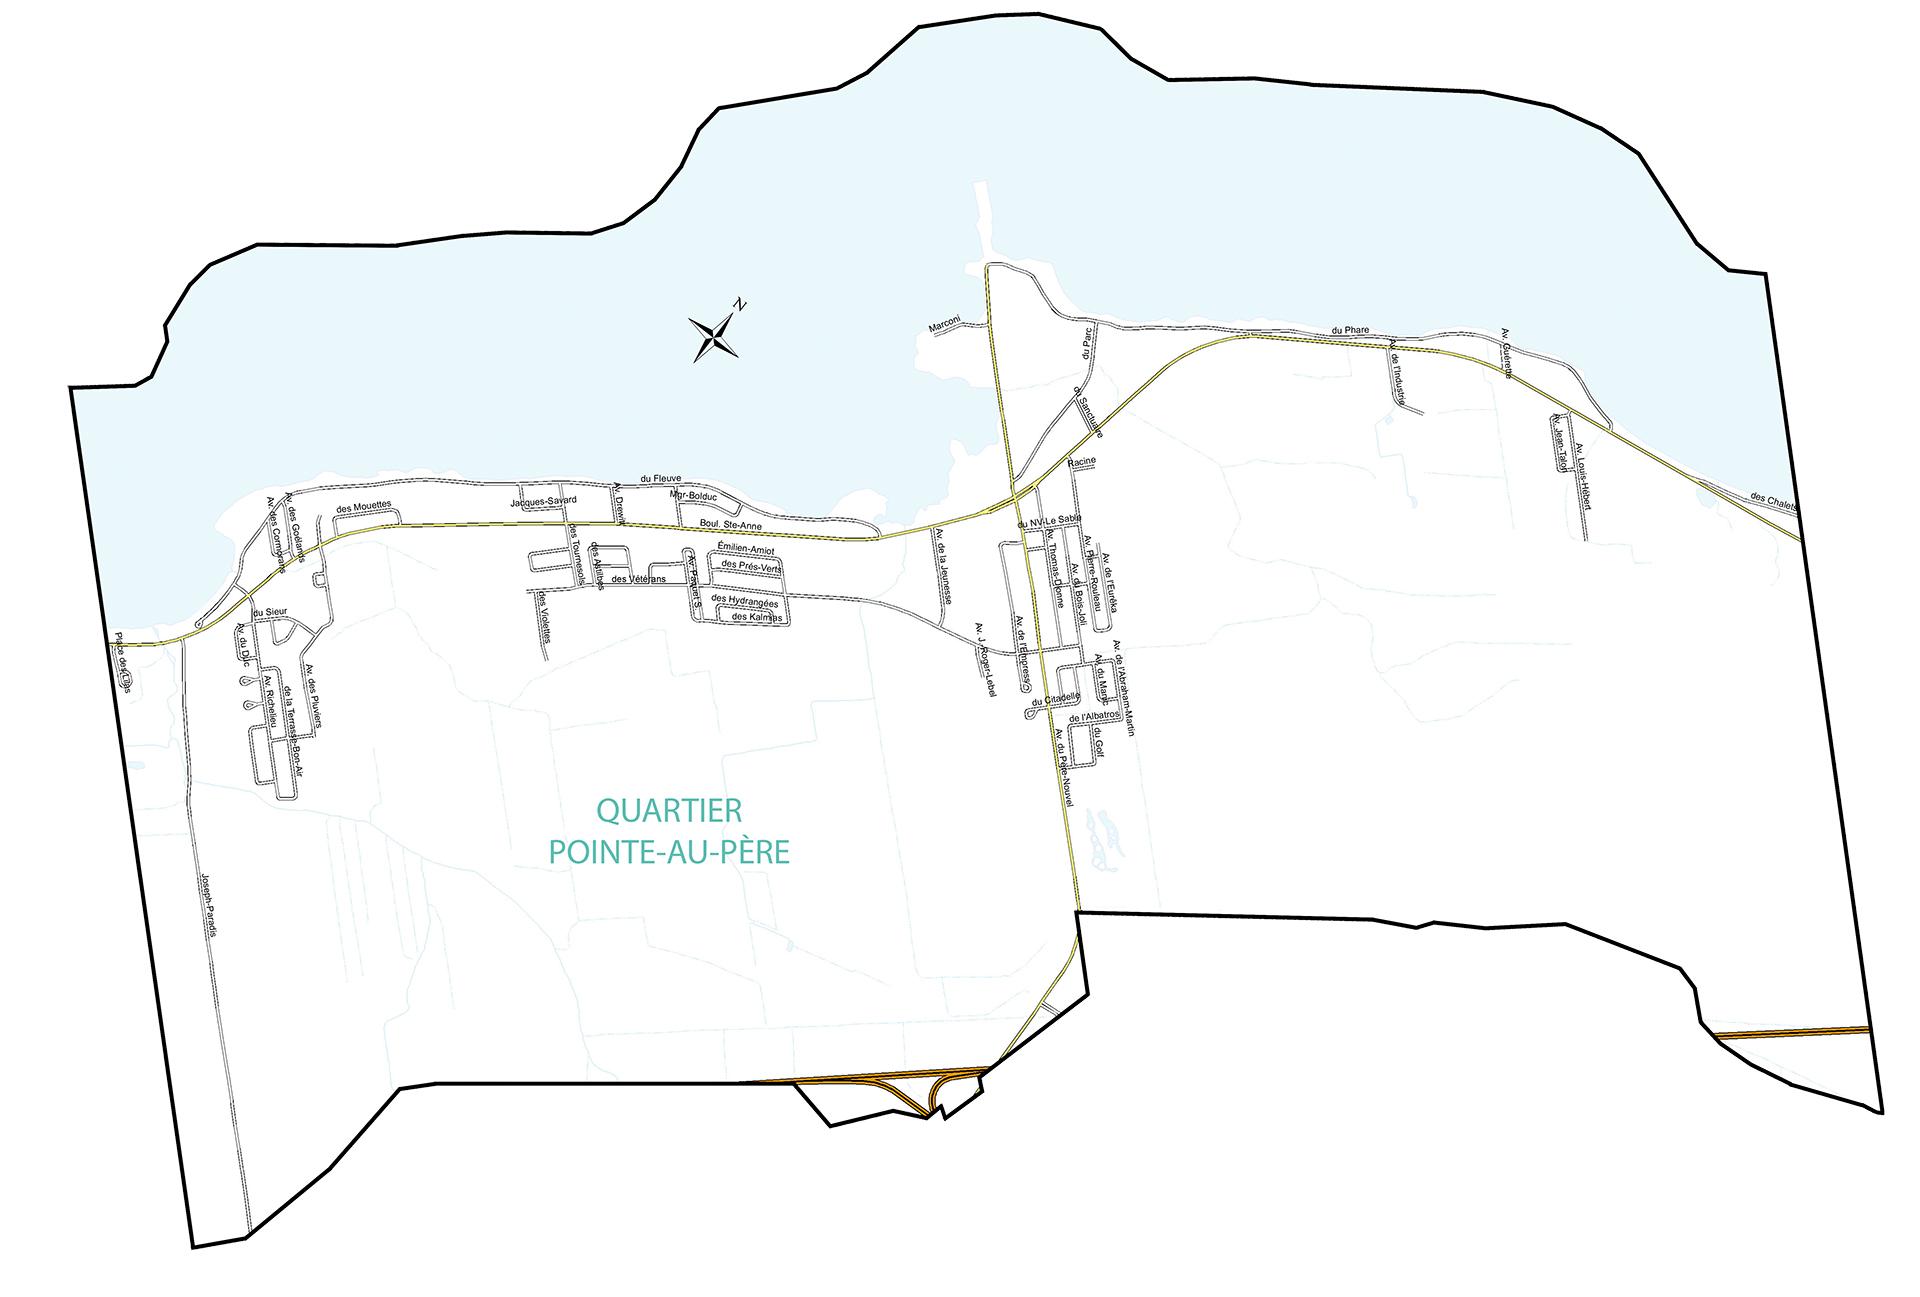 Pointe-au-Père ou paroisse Sainte-Anne-de-la-Pointe-au-Père